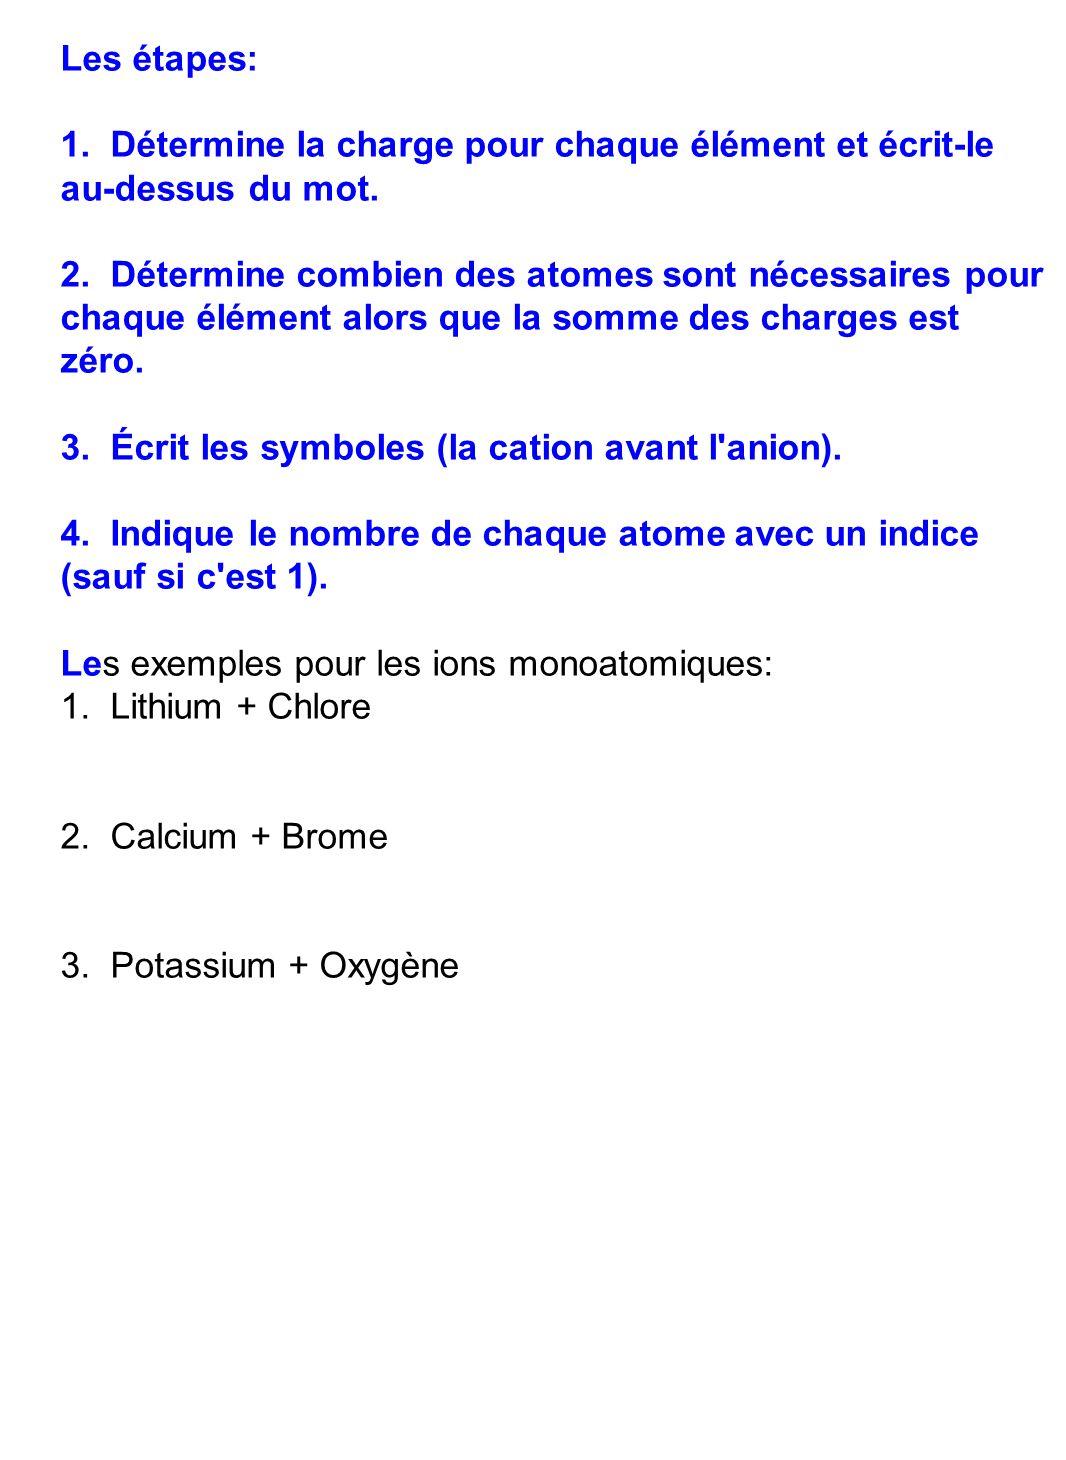 Les ions polyatomiques et les formules chimiques Il faut regarder pour la charge de l ion polyatomique dans le tableau donné.